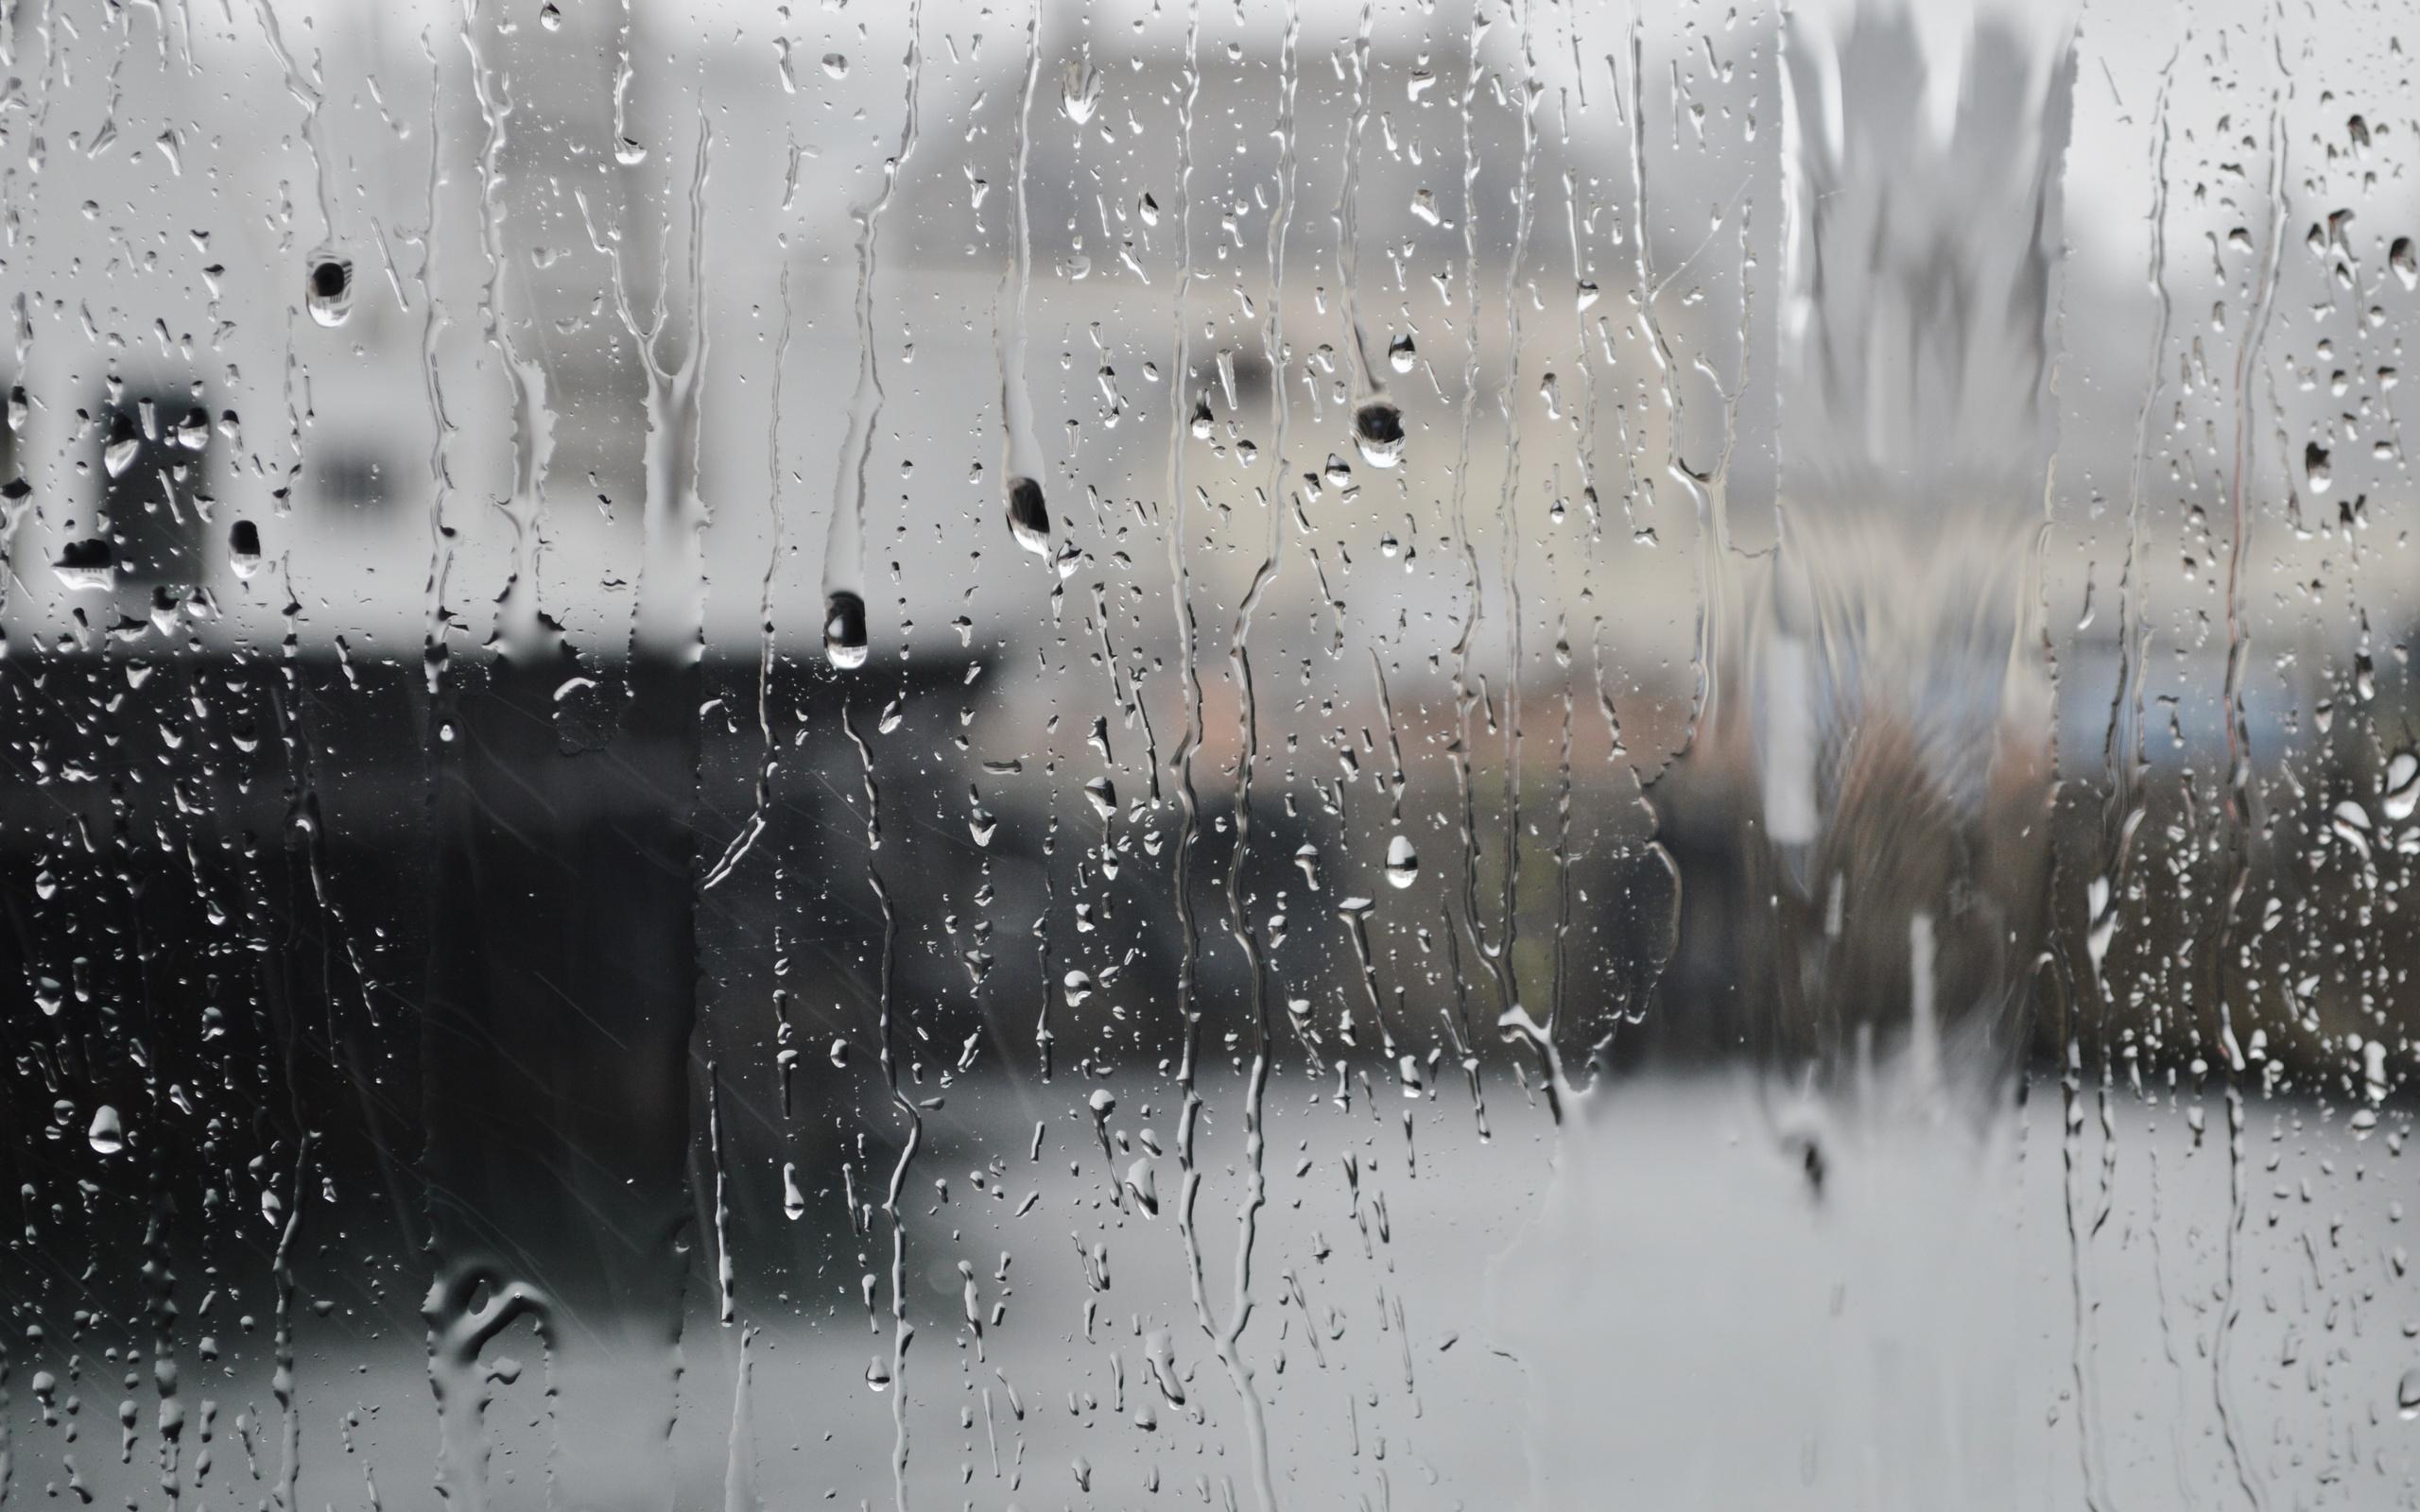 картинки стекло вода грусть весна местонахождение выступает какой